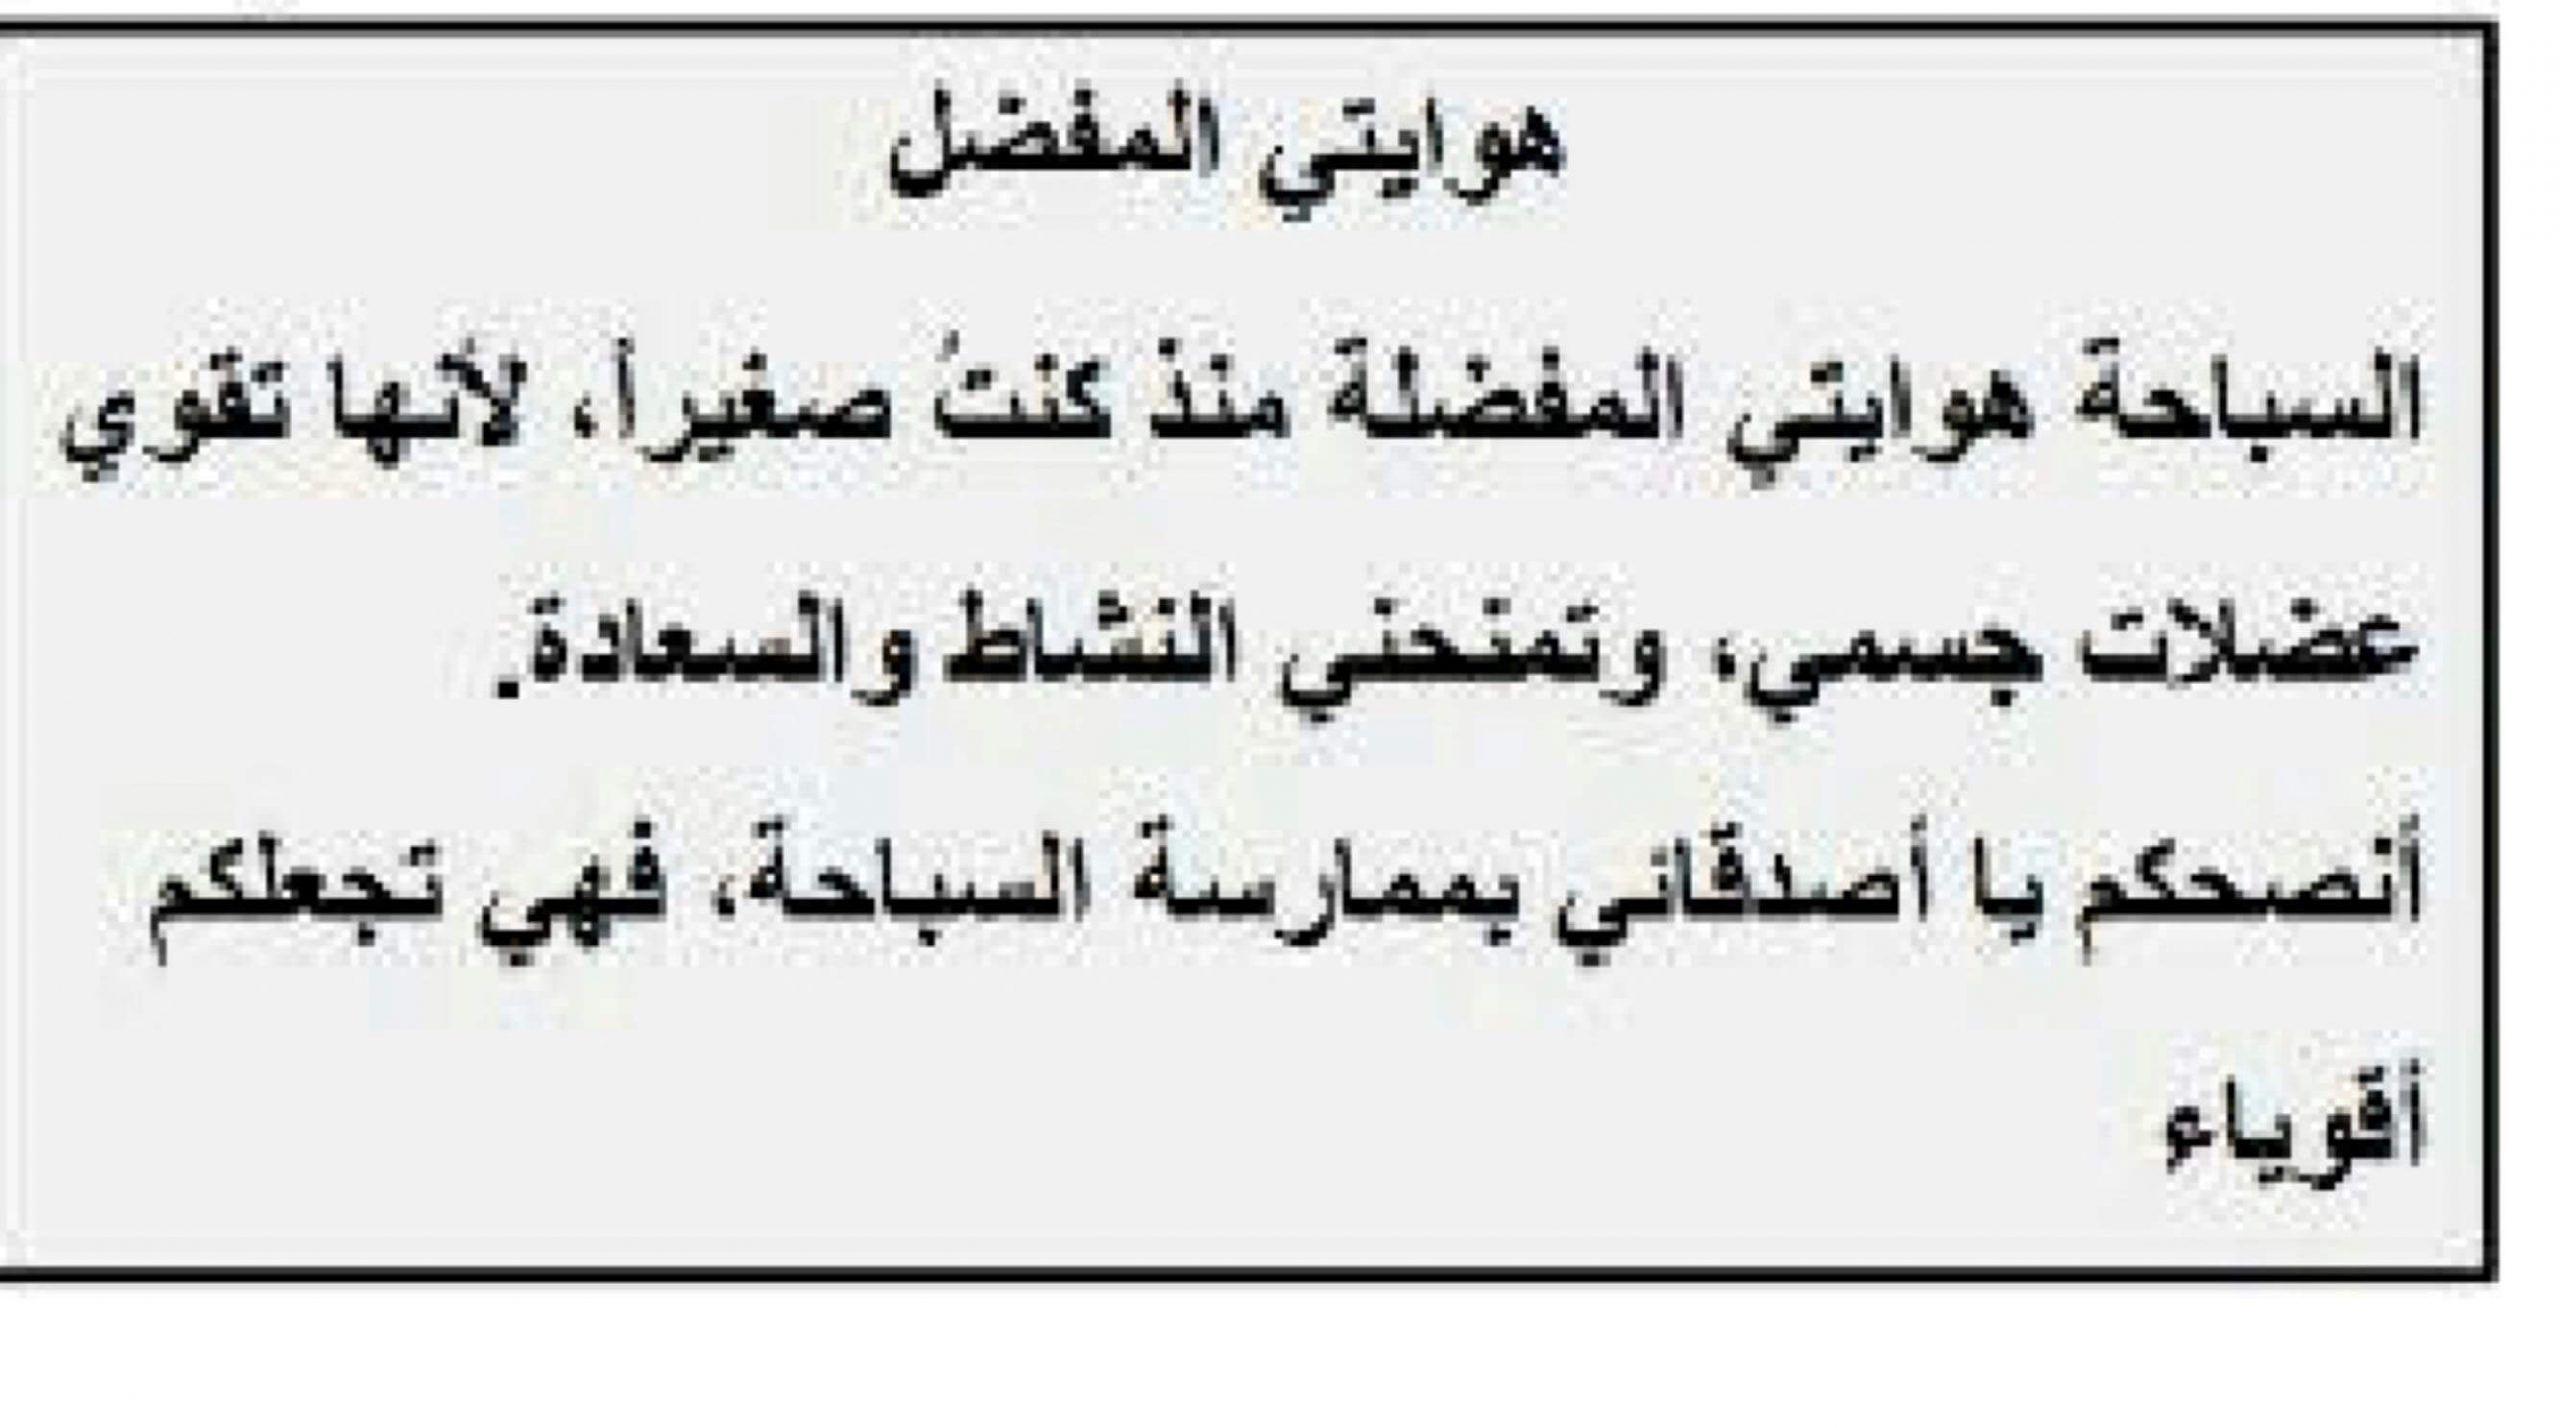 كتابة فقرات عن هوايتي المفضلة للصف الثالث مادة اللغة العربية Math Arabic Calligraphy Math Equations